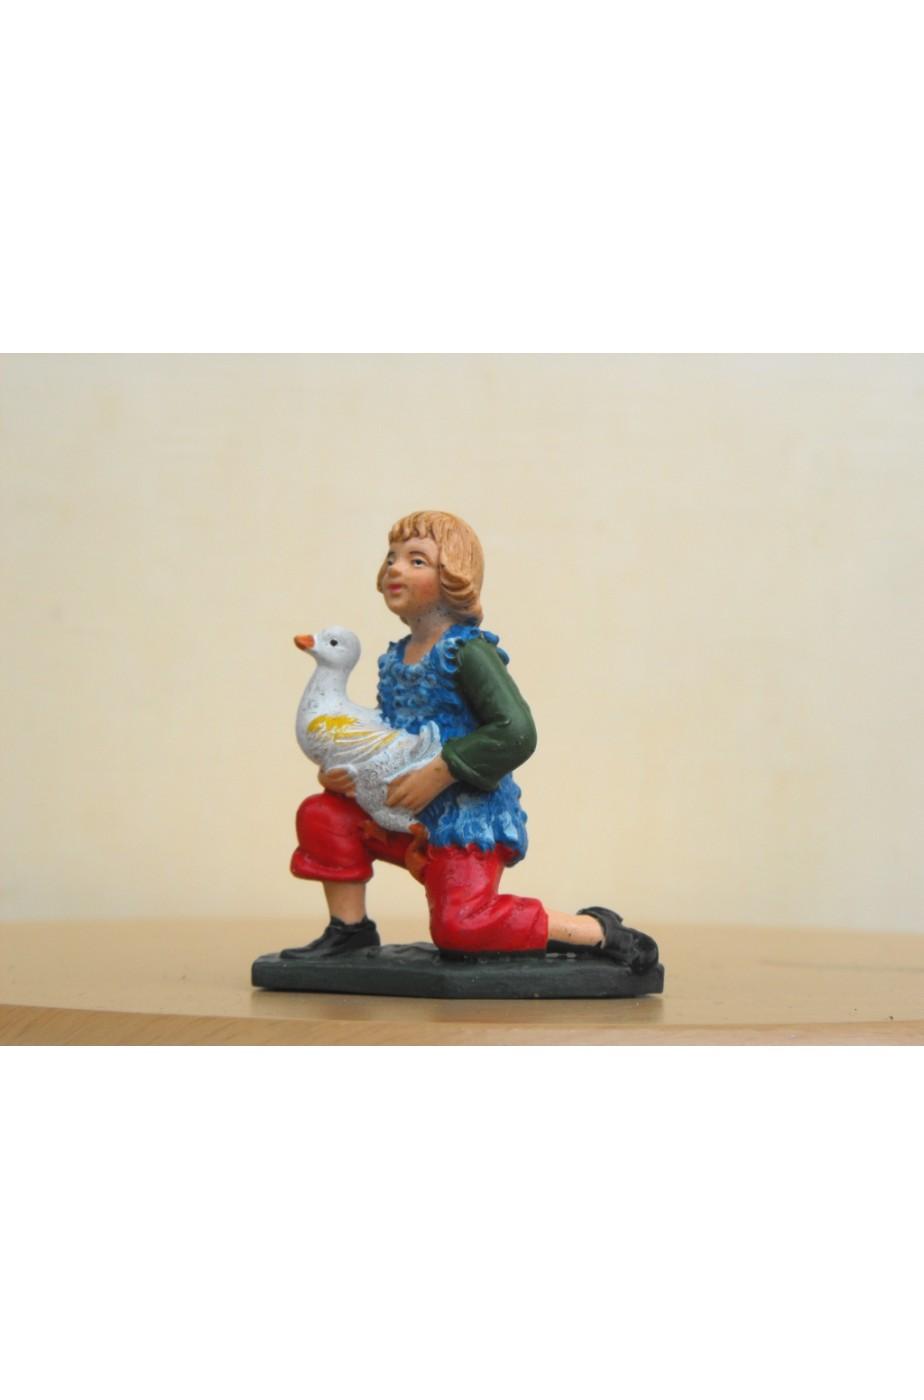 Figurina Presepe in plastica (cm 7 o 10 s.q.) Bambino inginocchiato in adorazione con oca